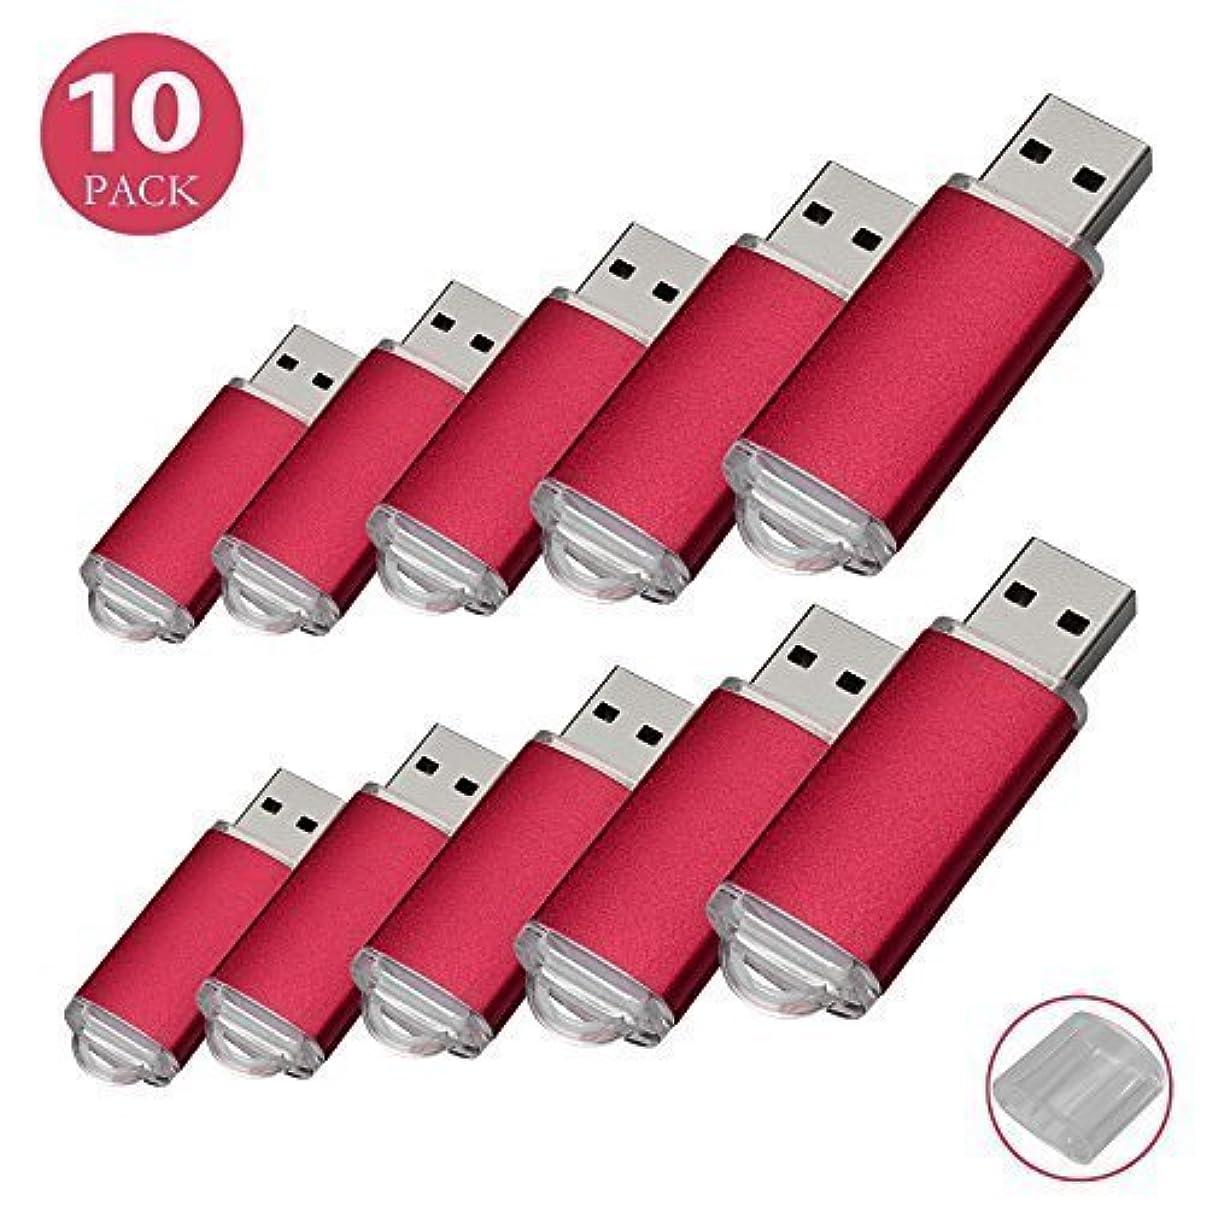 RAOYI 10Pack 32GB USB Flash Drive USB2.0 Memory Stick Thumb Drive Pen Drive Jump Drive, Red